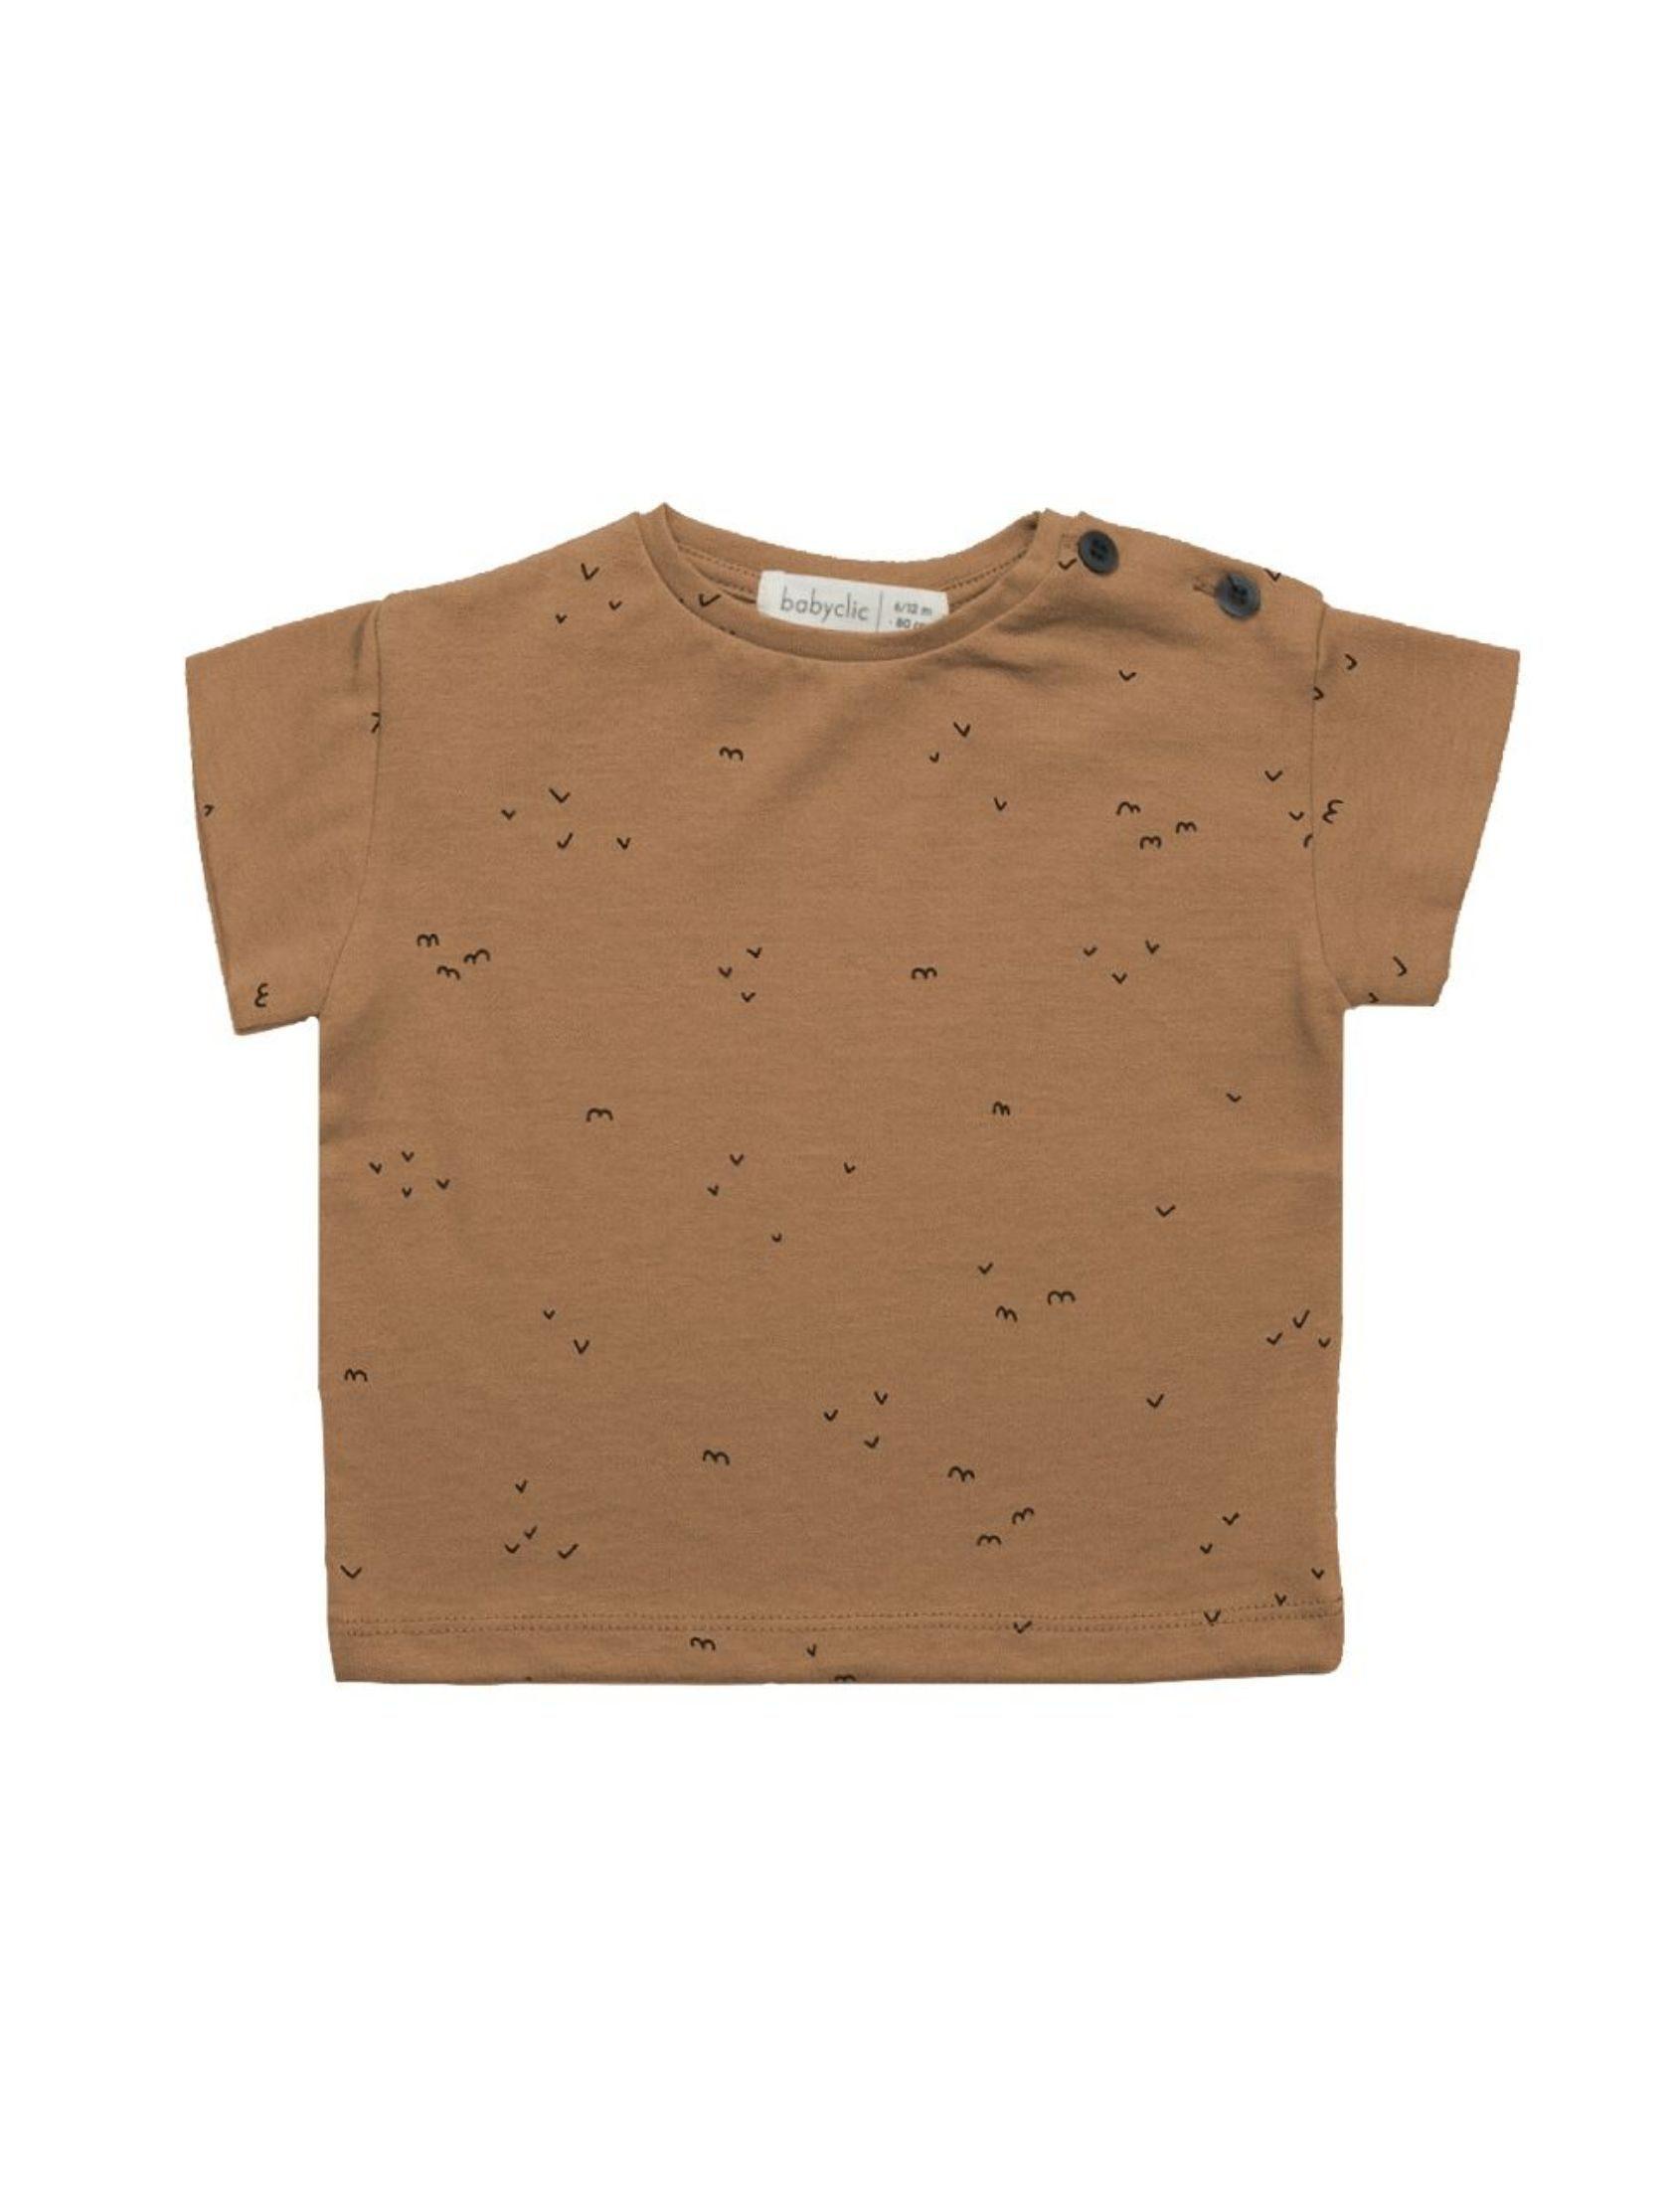 Camiseta delta toffe de niño de la marca baby clic